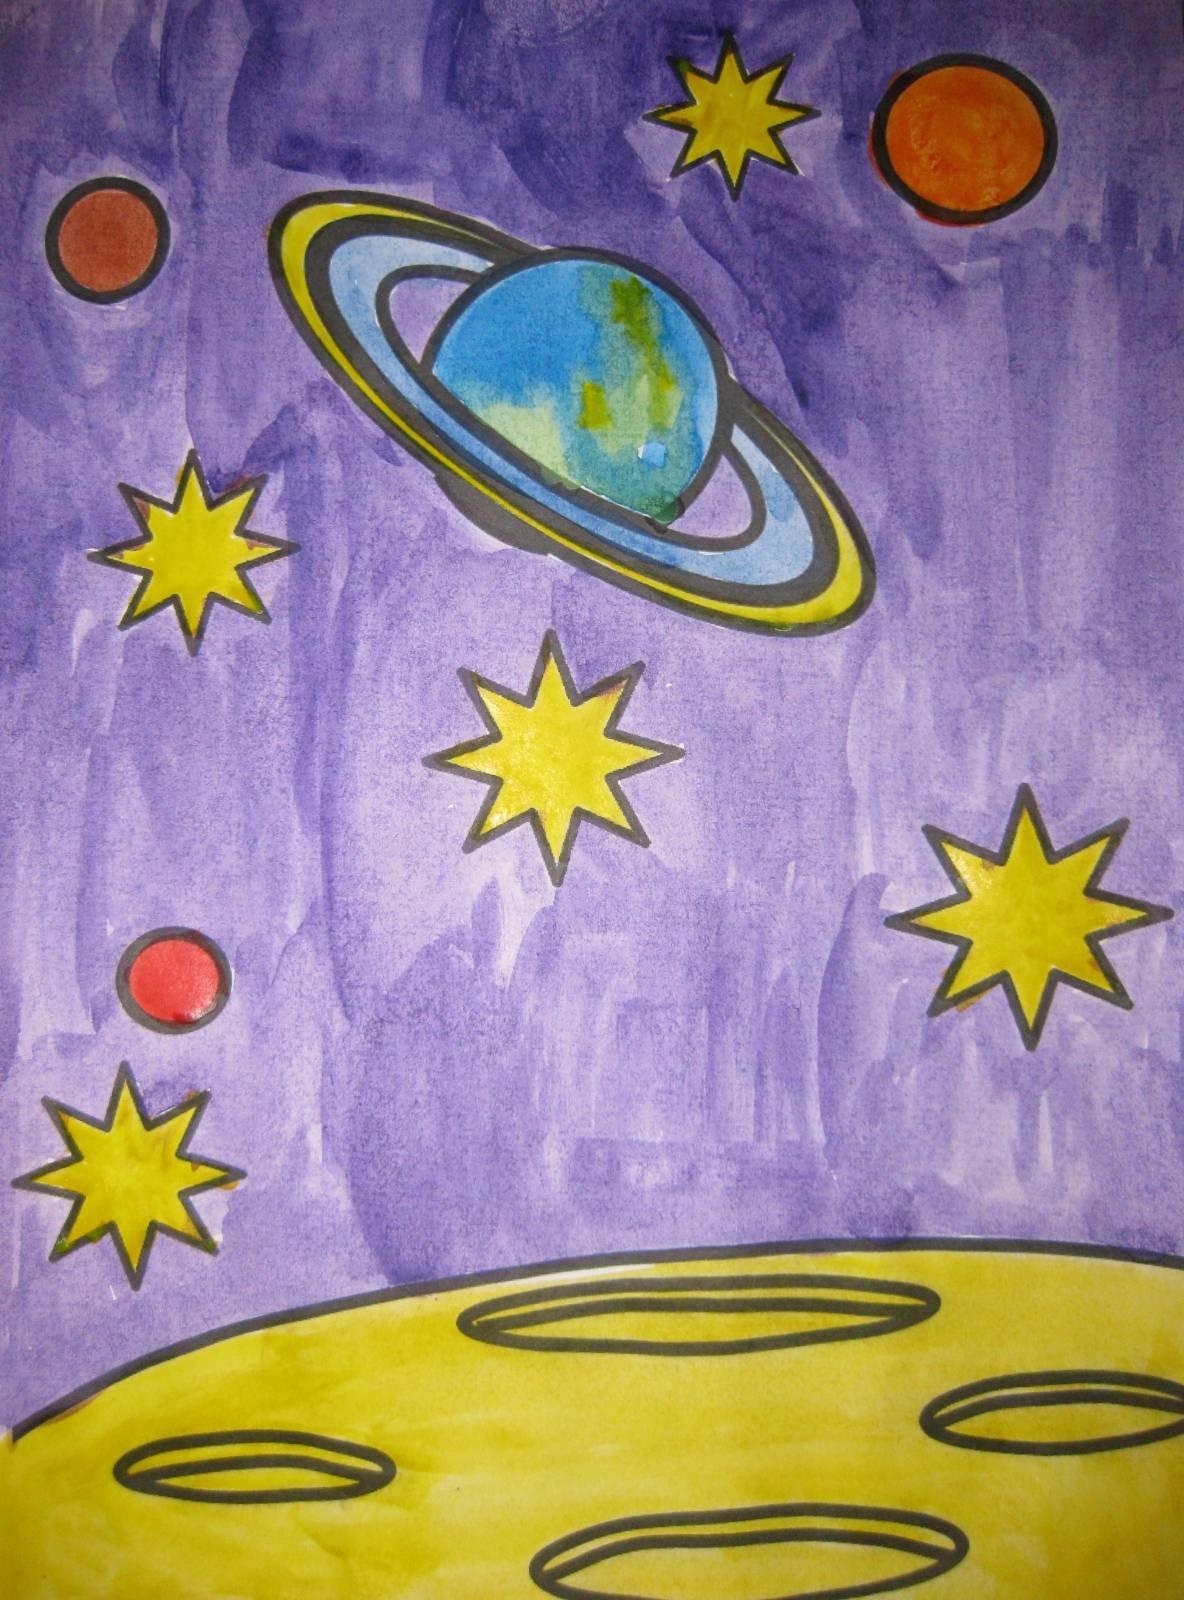 Поделки на тему космос - конкурс к Дню космонавтики 2018